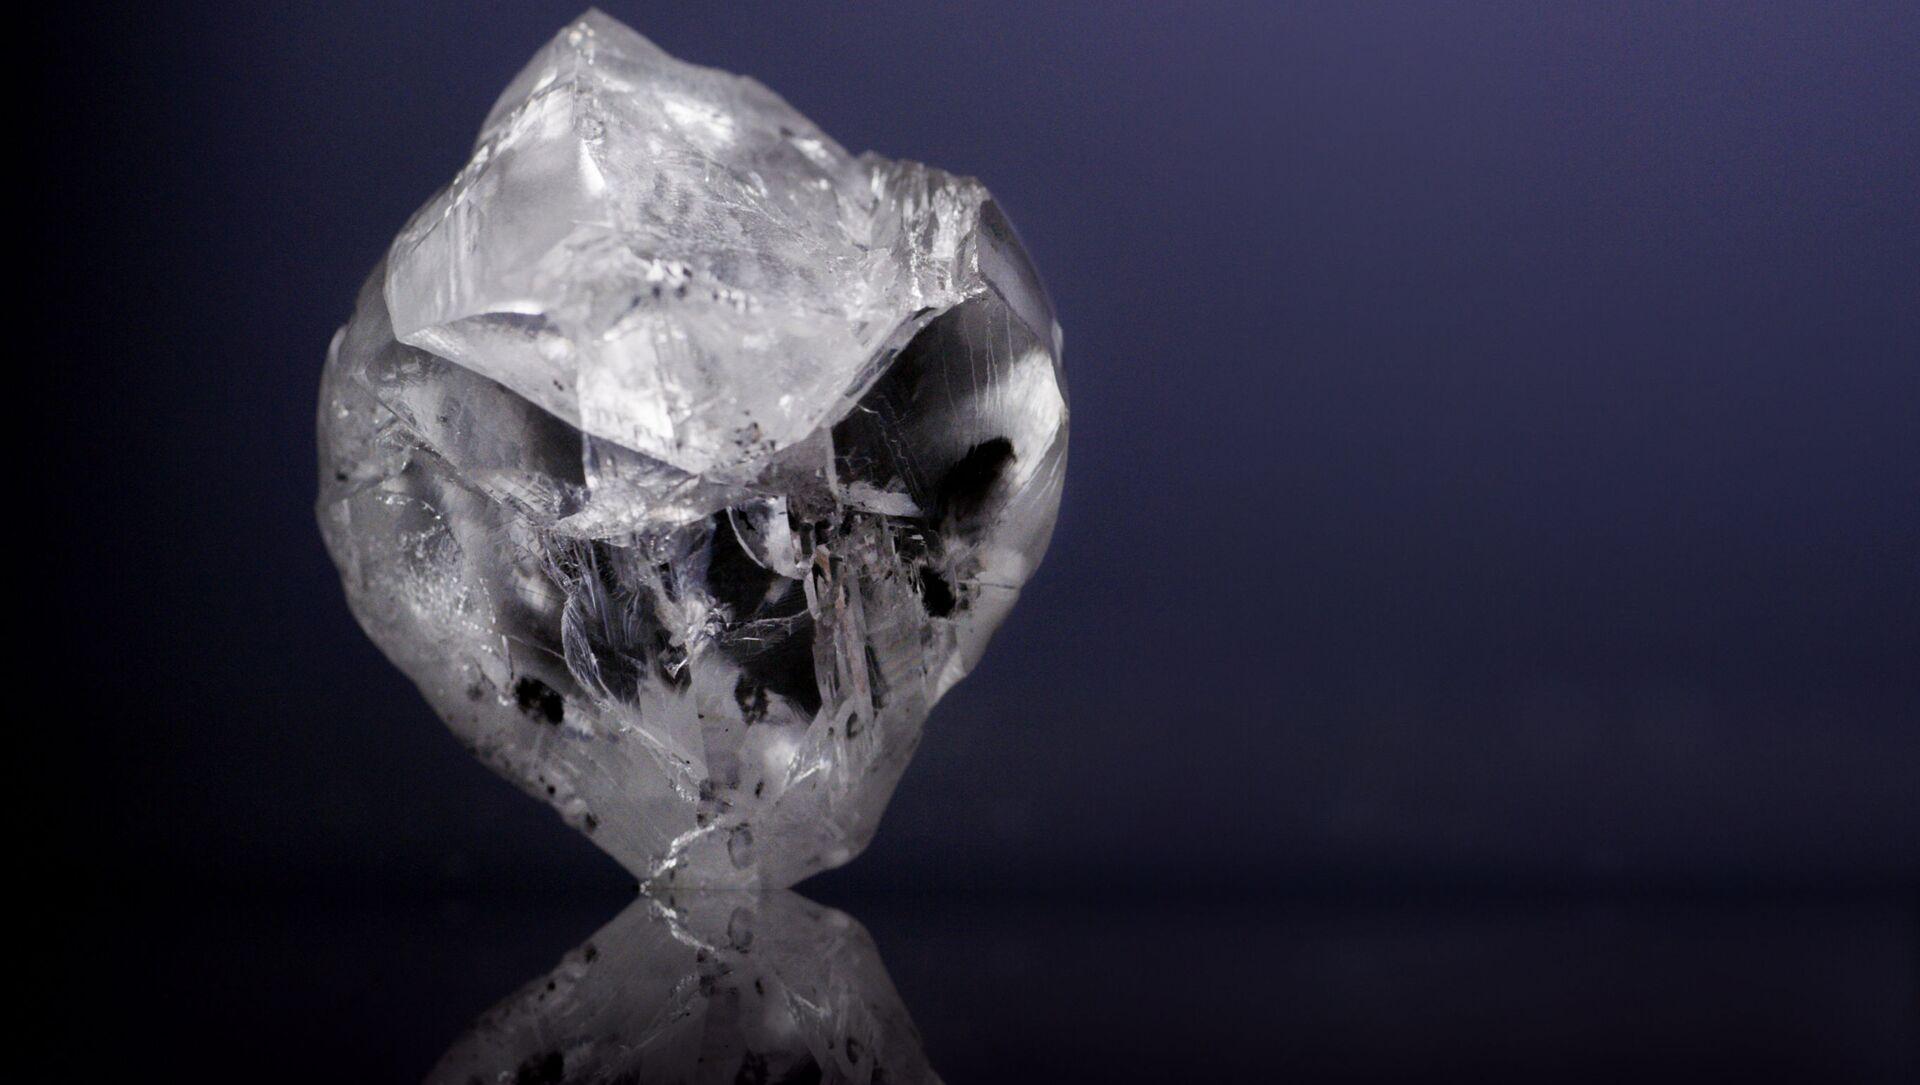 ダイヤモンド - Sputnik 日本, 1920, 09.10.2021